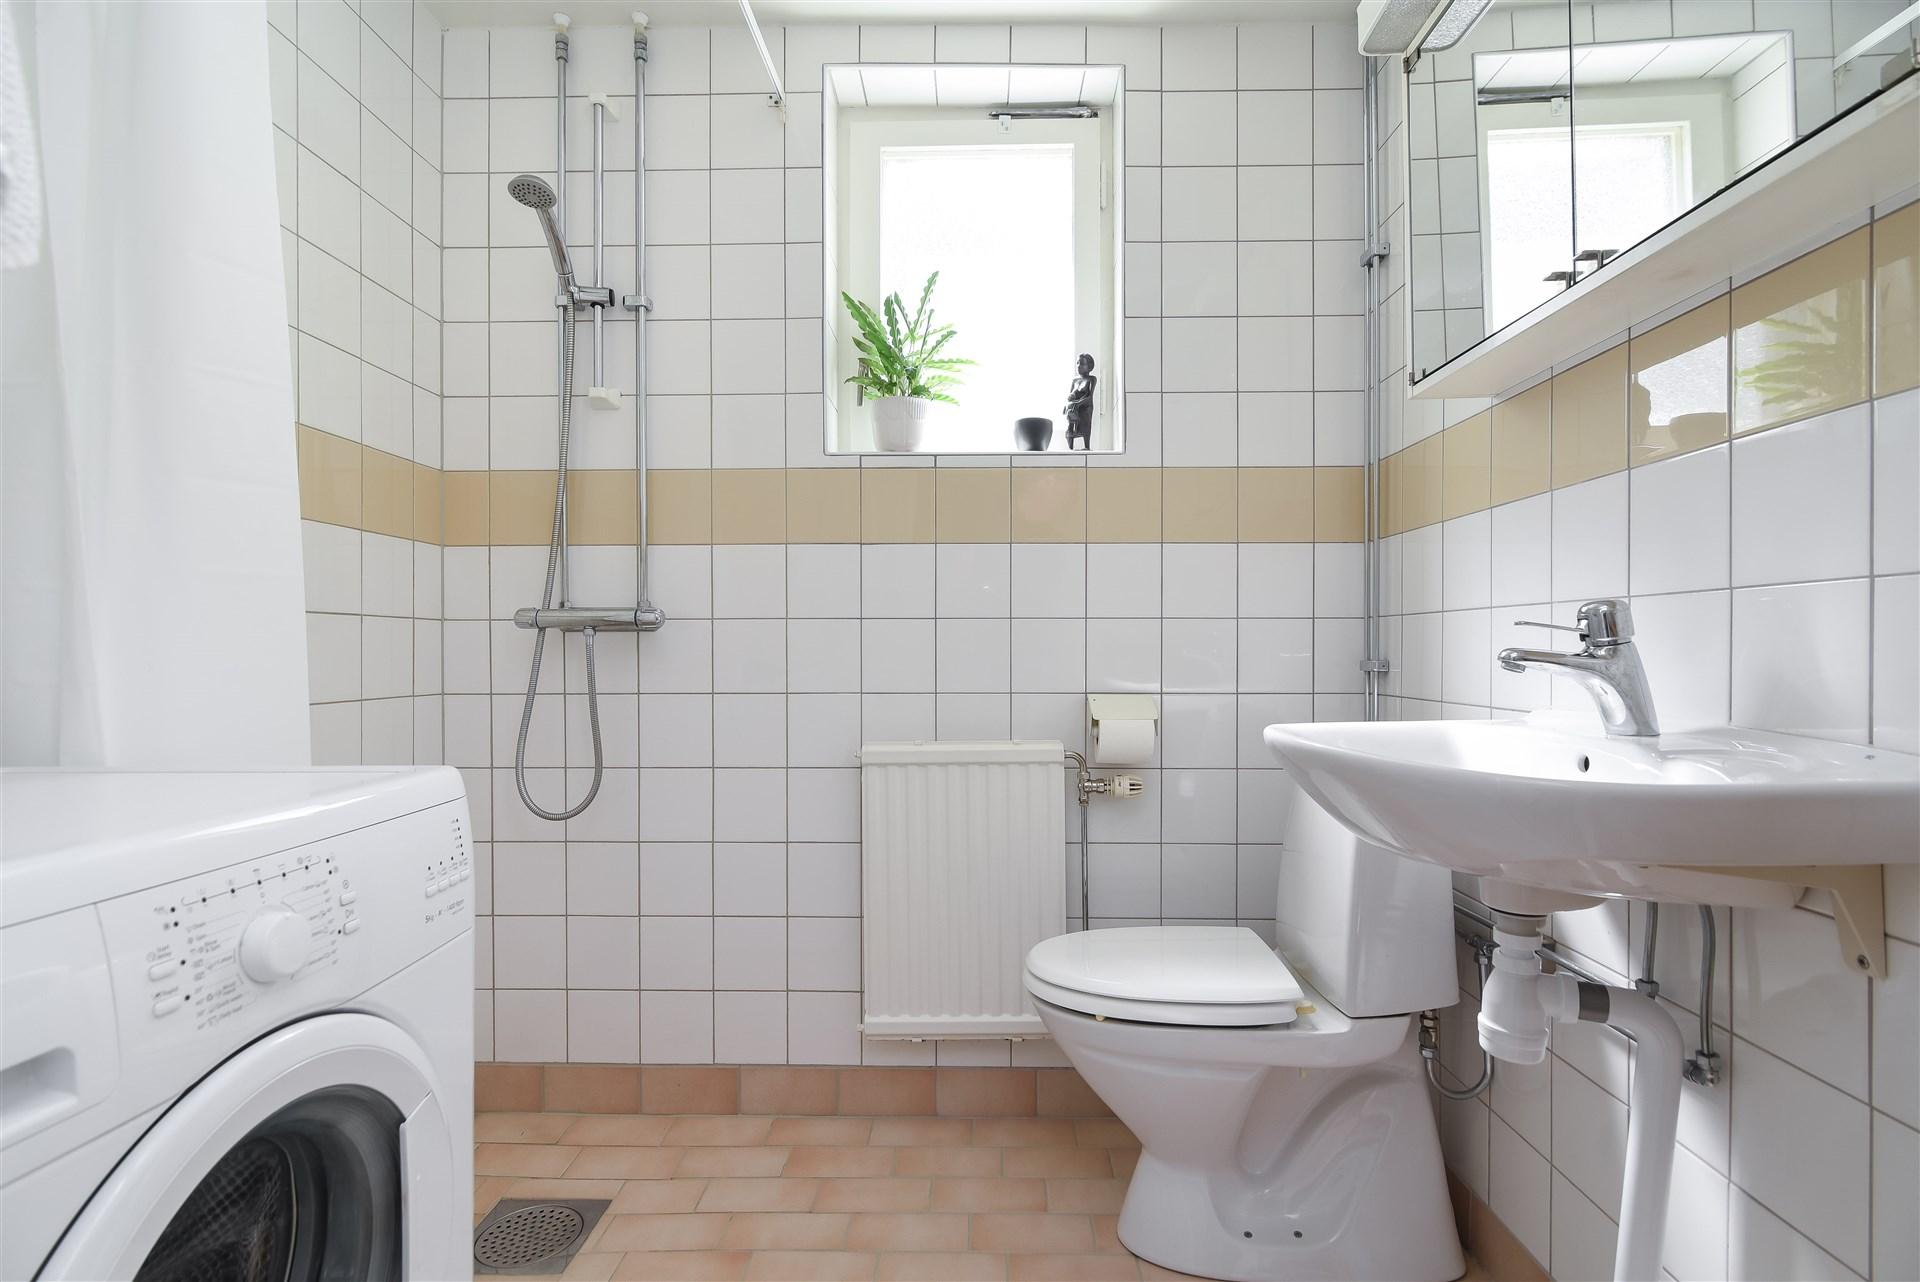 Helkaklat duschutrymme med tvättmaskin.